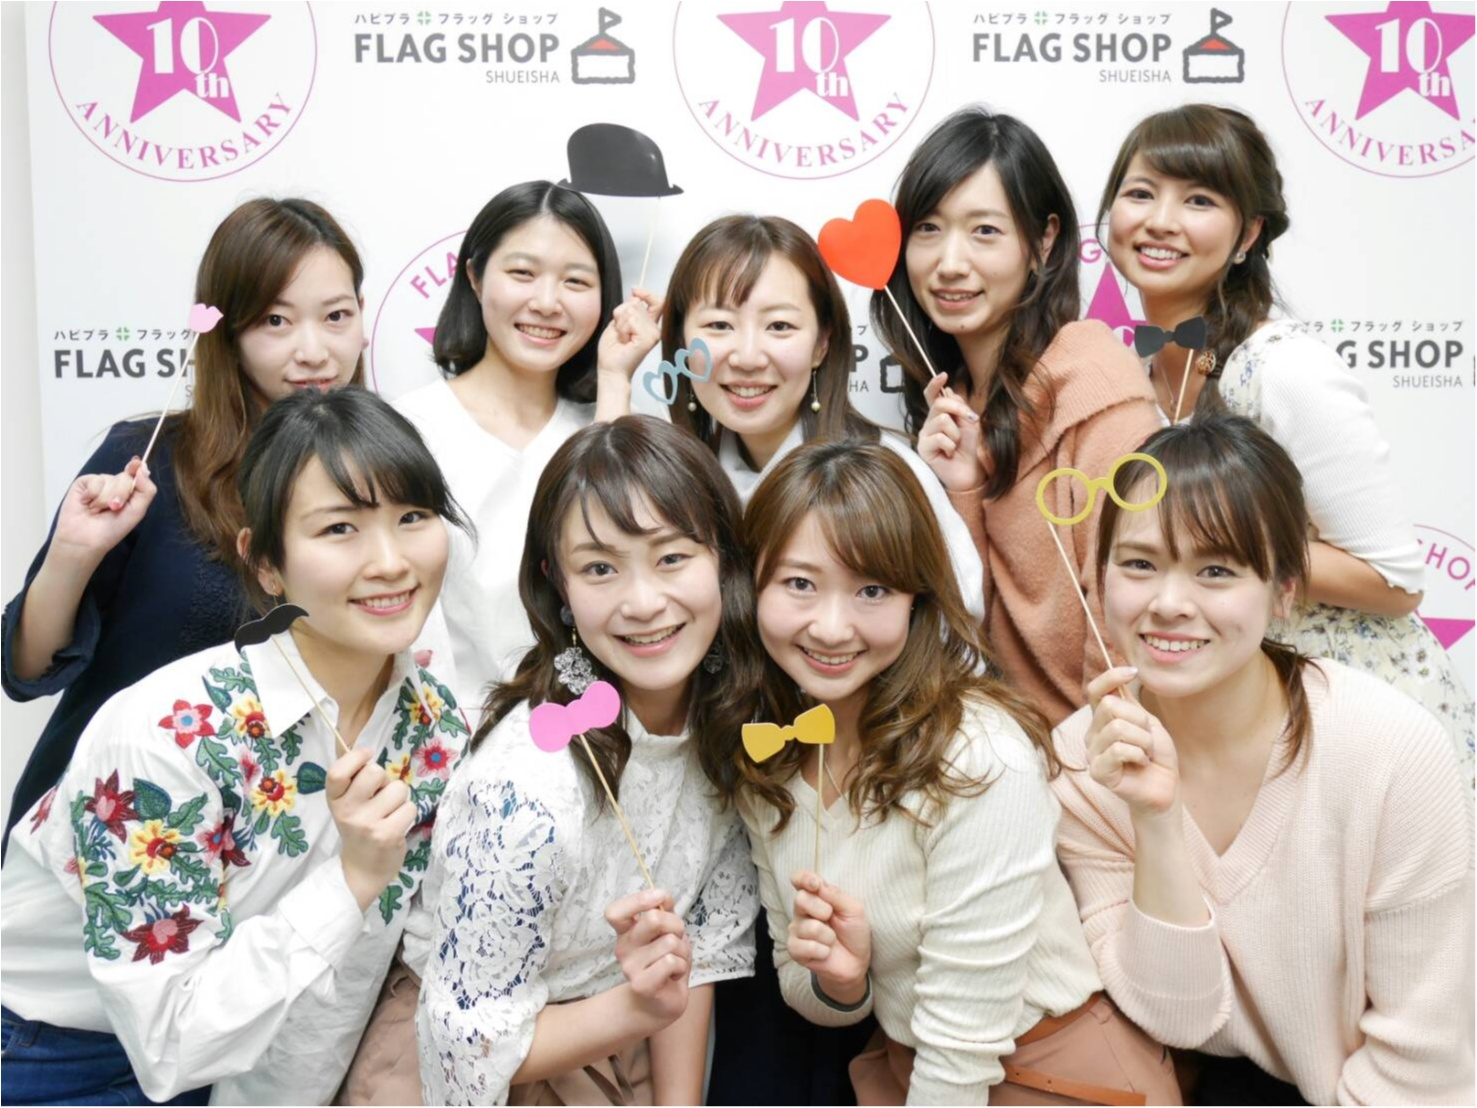 FLAG SHOP 10th ANNIVERSARY!「フラワーデイズ展示会&佐藤ありさ×MORE編集部トークショー」に行ってきました_1